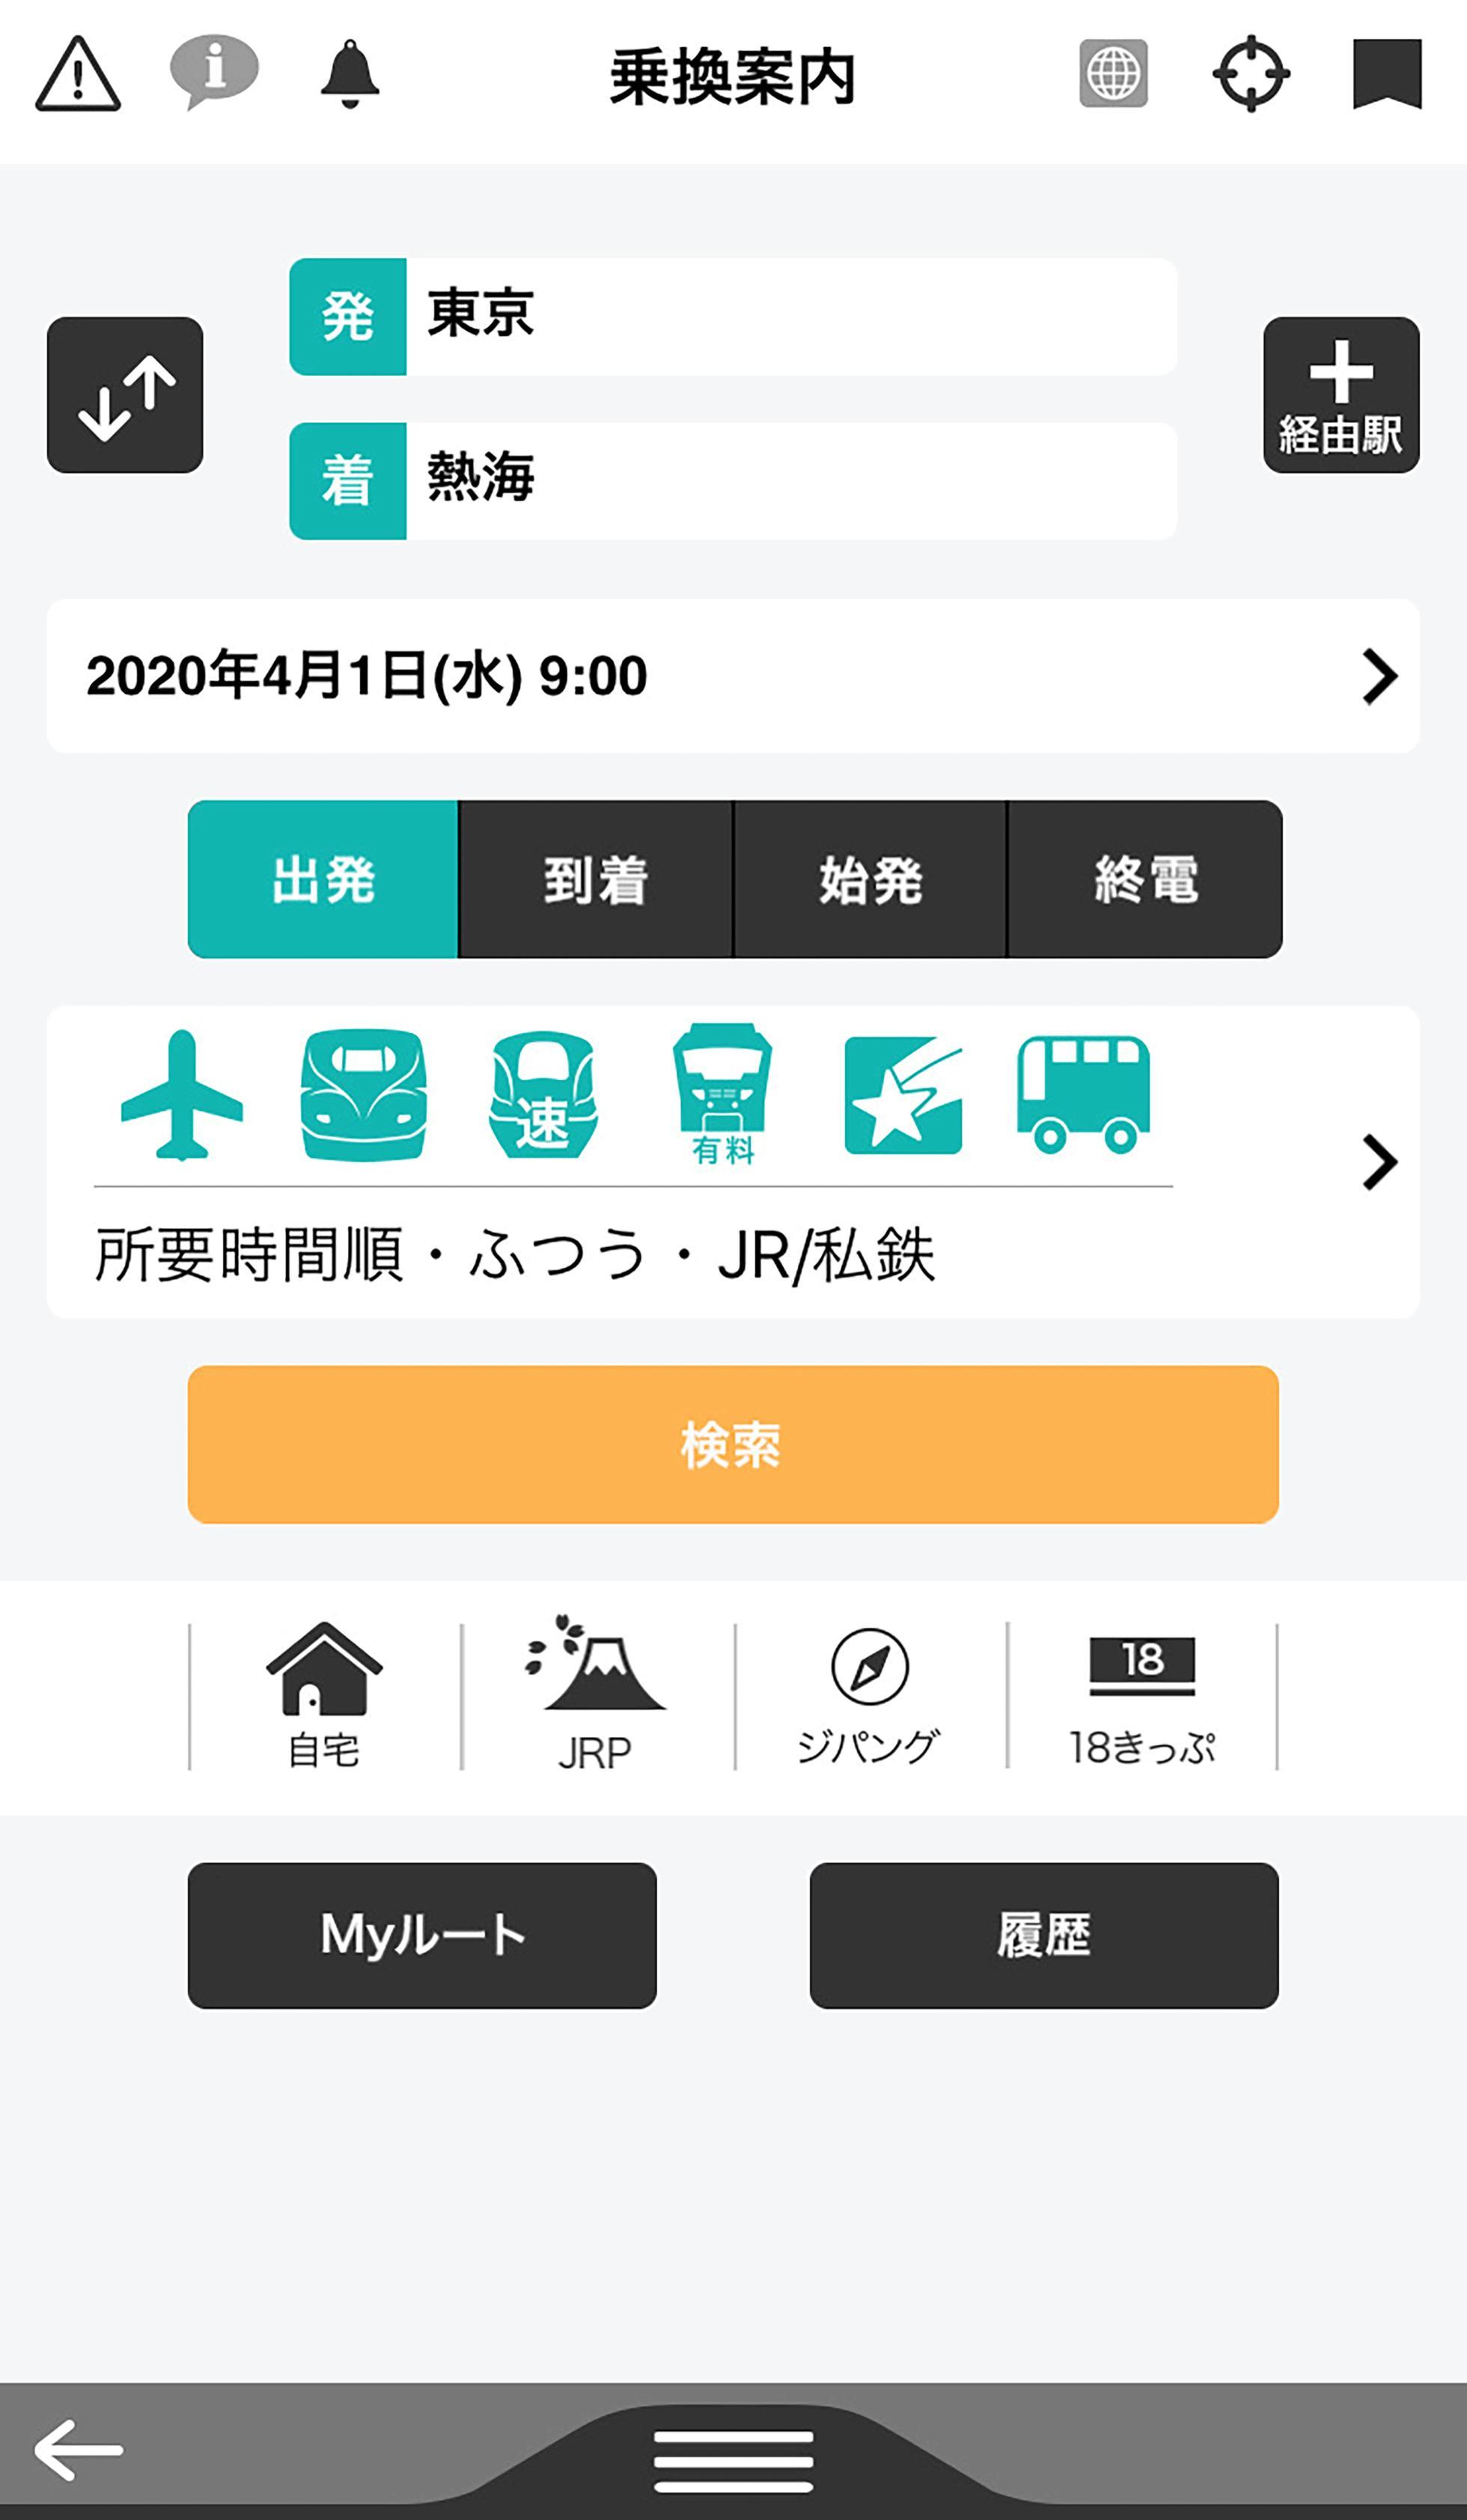 西鉄 天神 大牟田 線 時刻 表